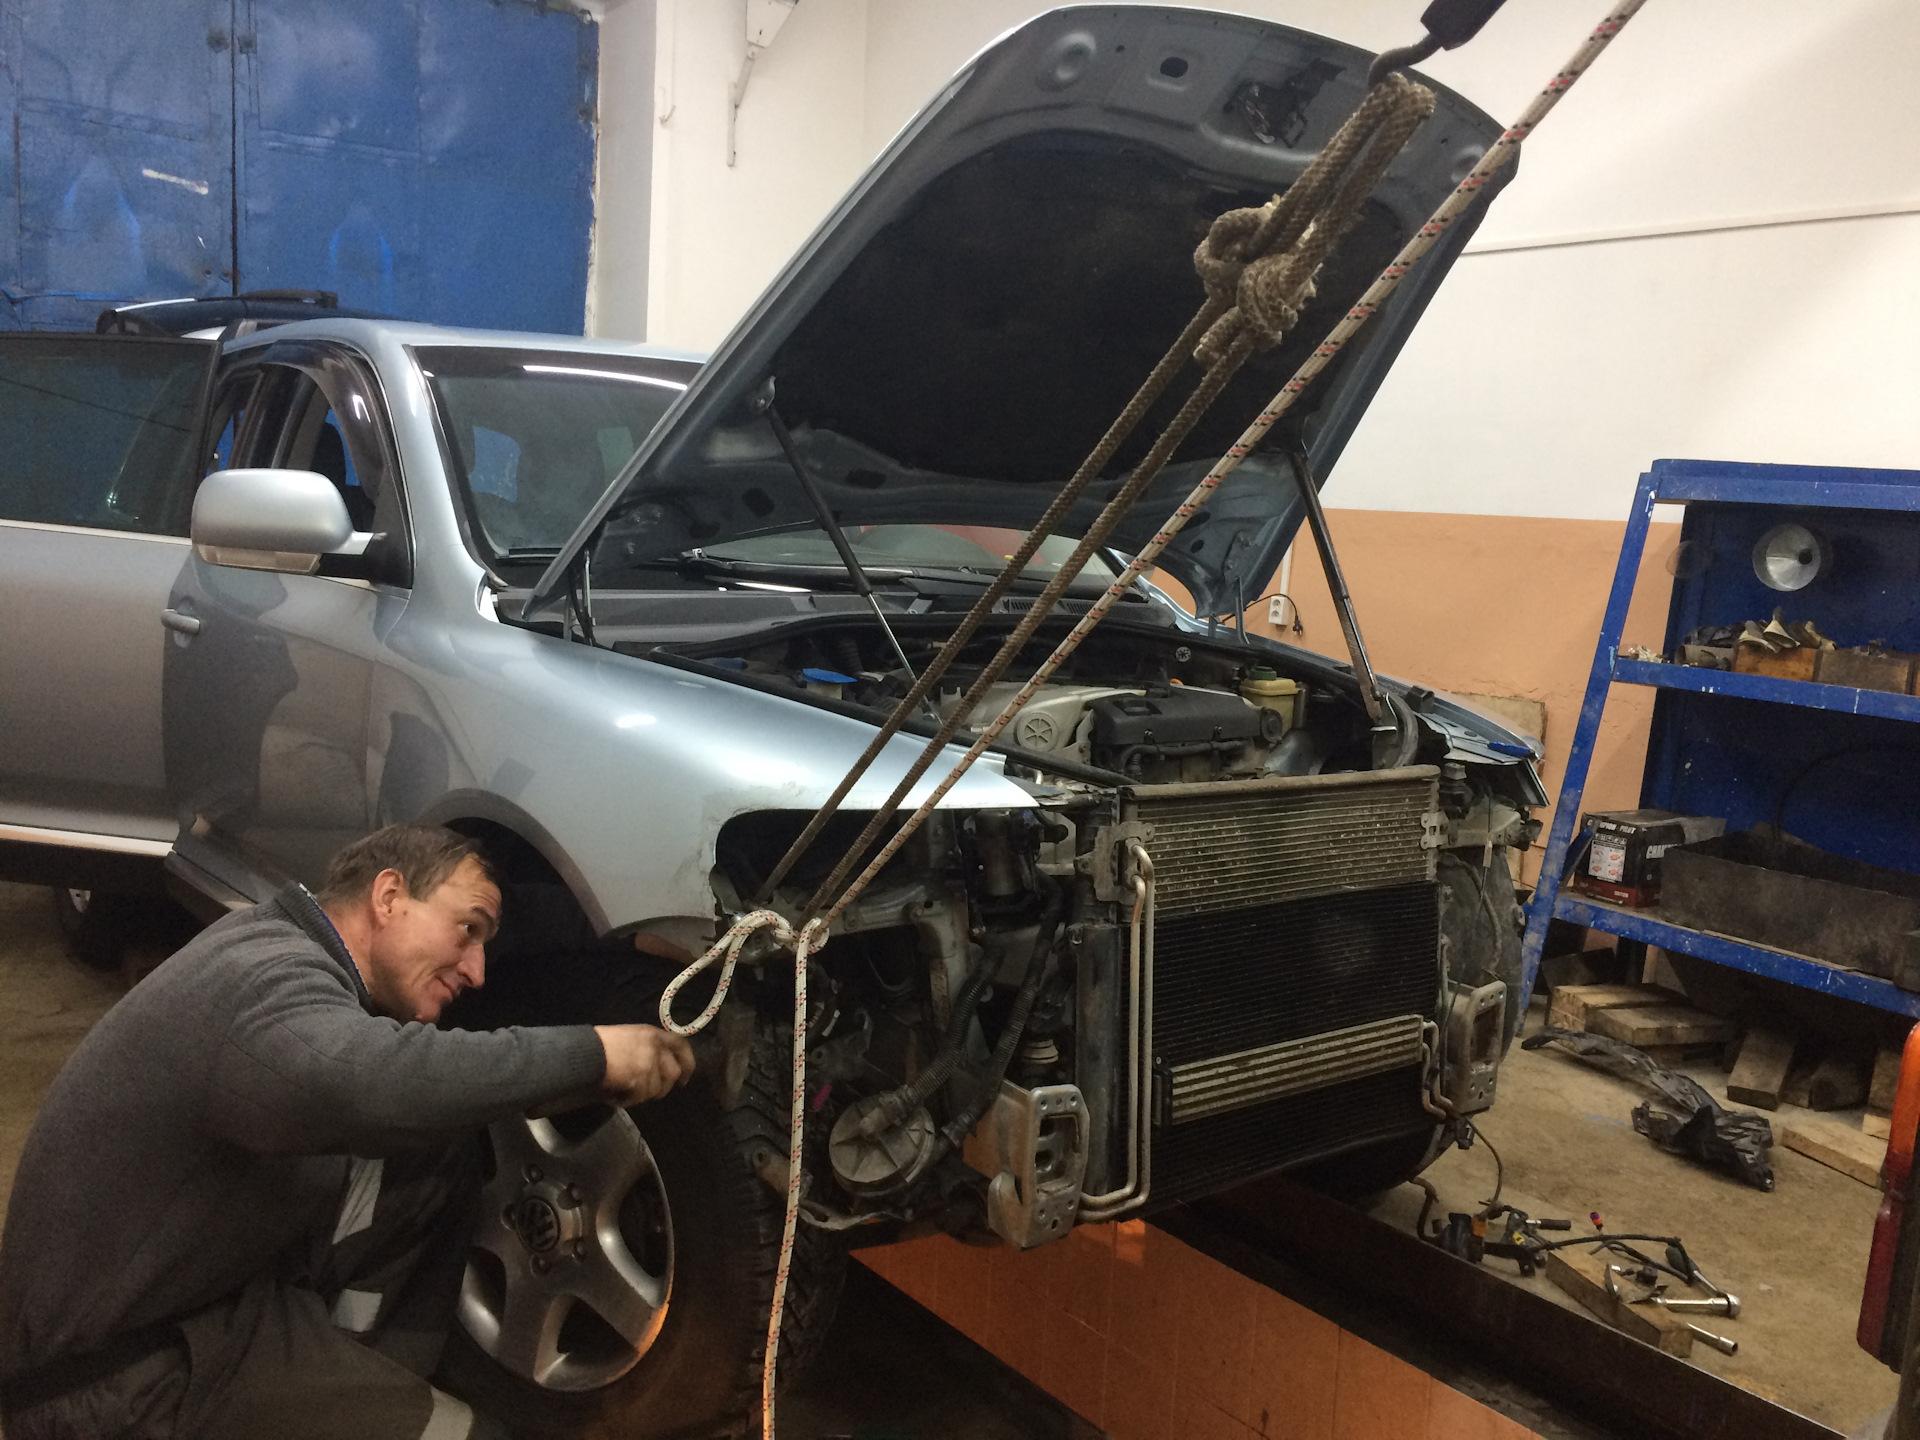 Замена переднего кронштейна volkswagen touareg 1 Ремонт охлаждающей системы королла